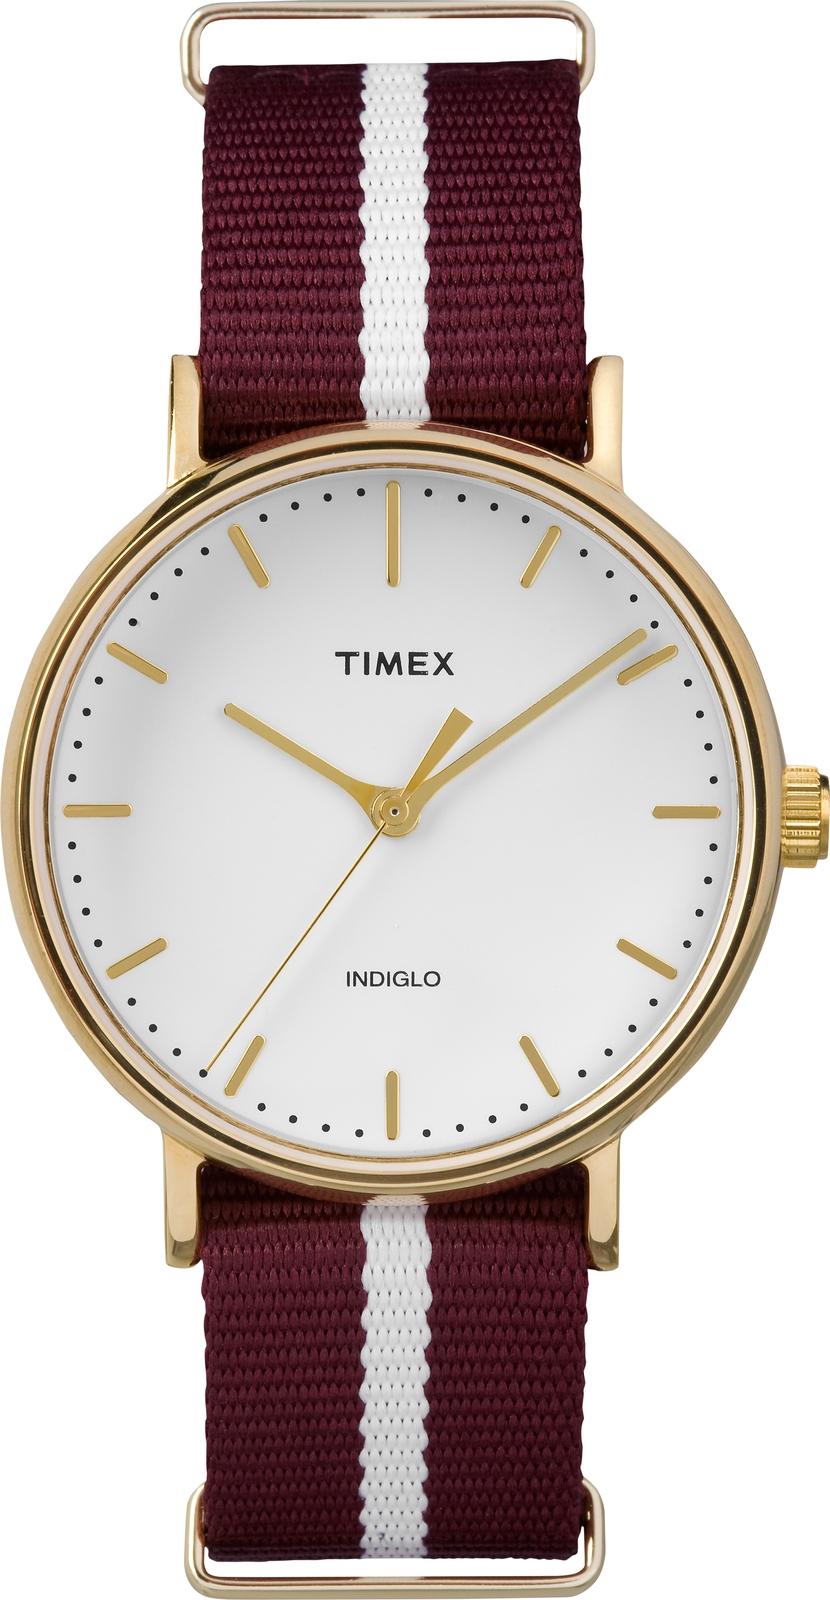 Фото - Наручные часы Timex женские белый сабо женские thomas munz цвет белый 251 017a 1104 размер 37